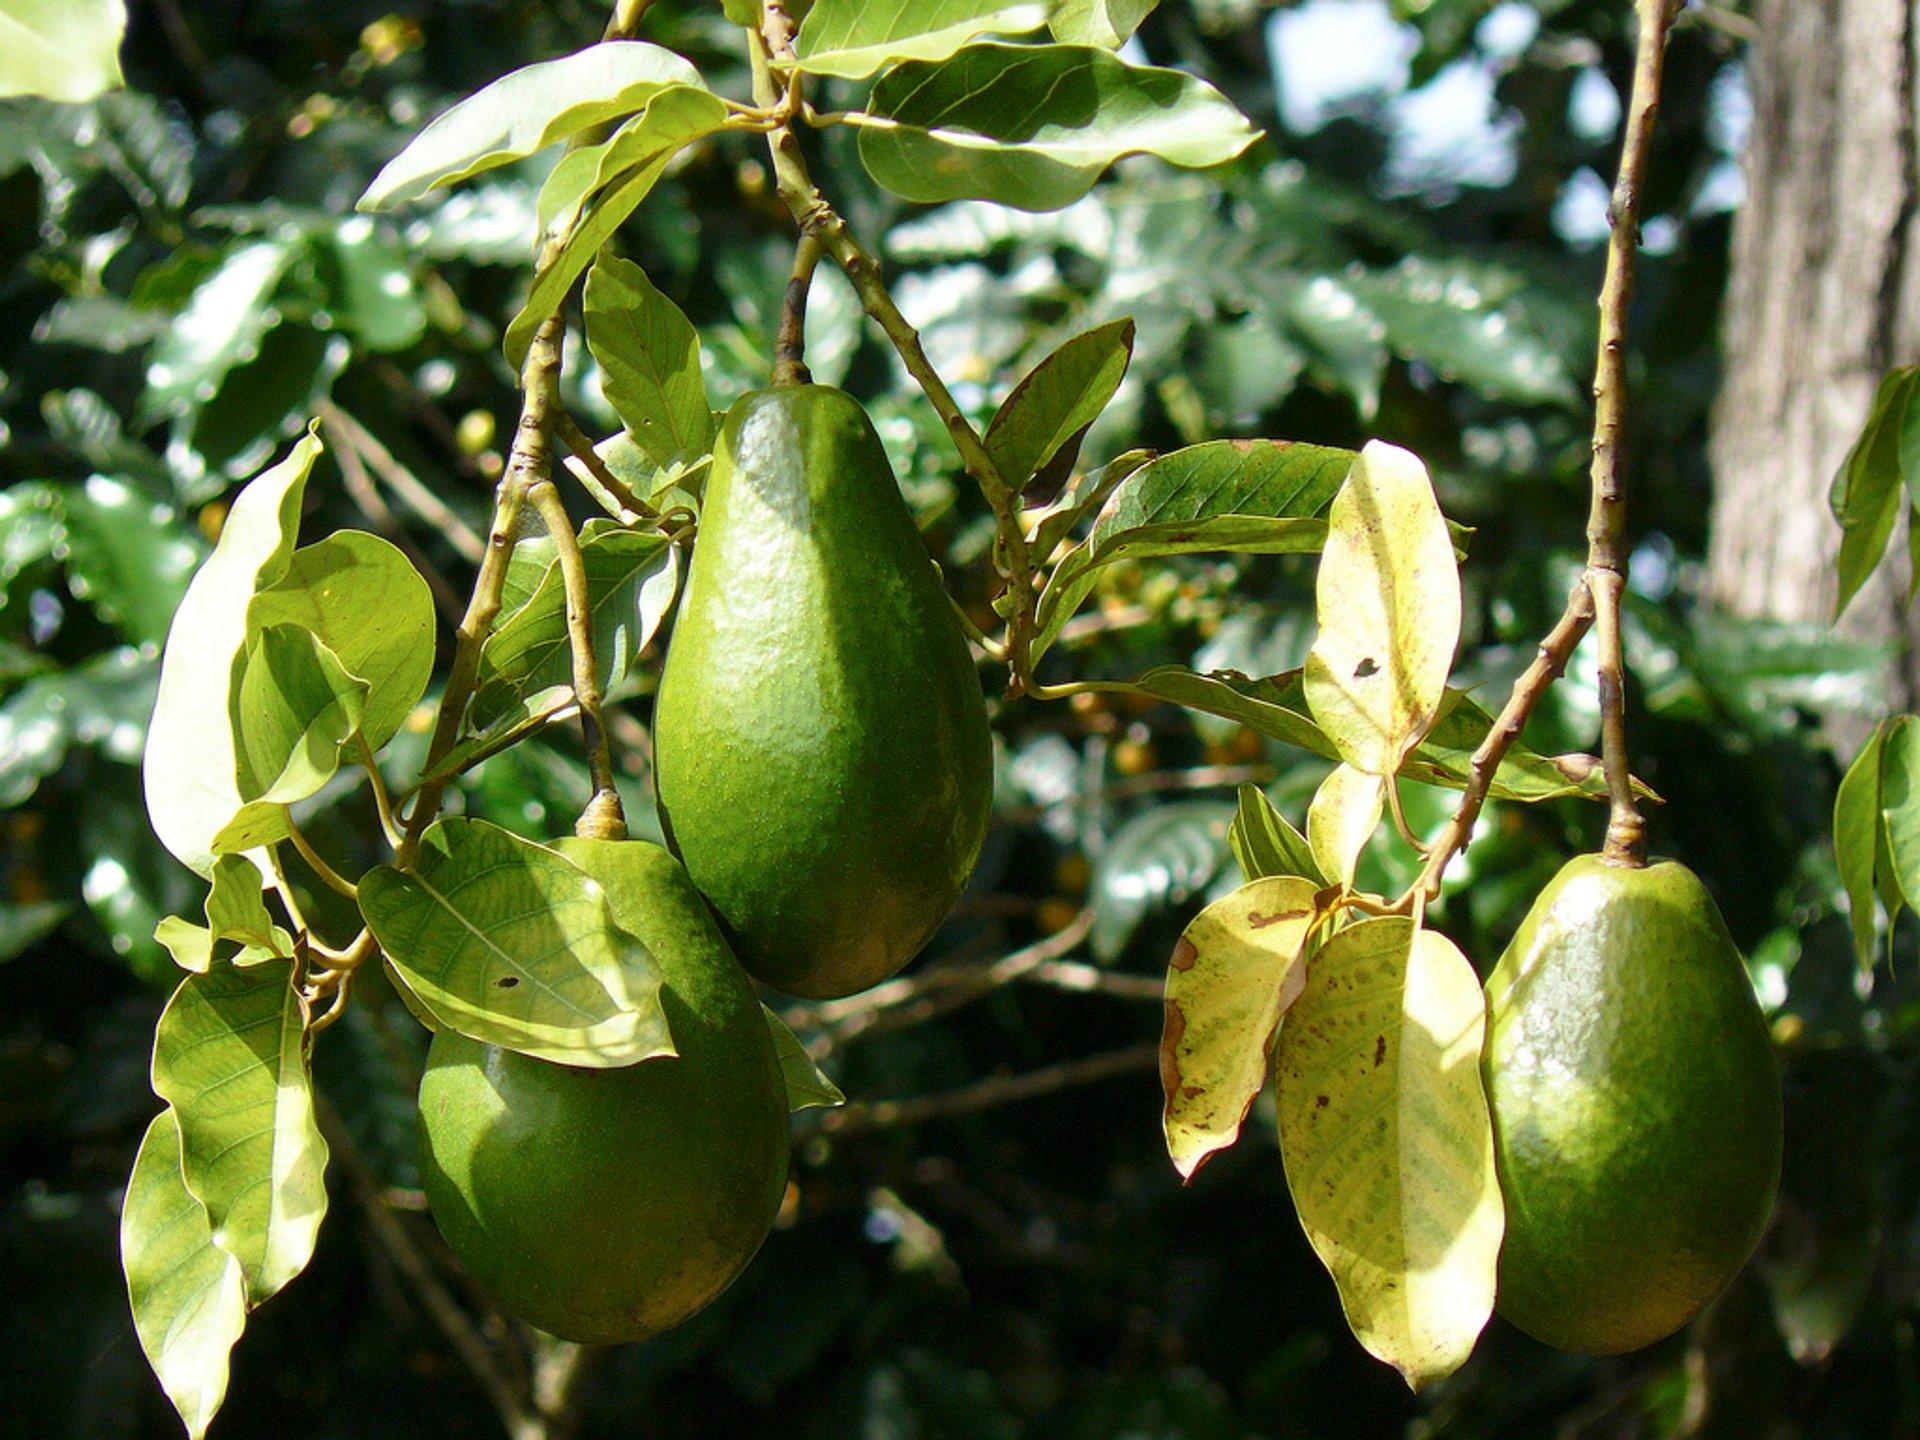 Avocado Season in Cuba 2020 - Best Time